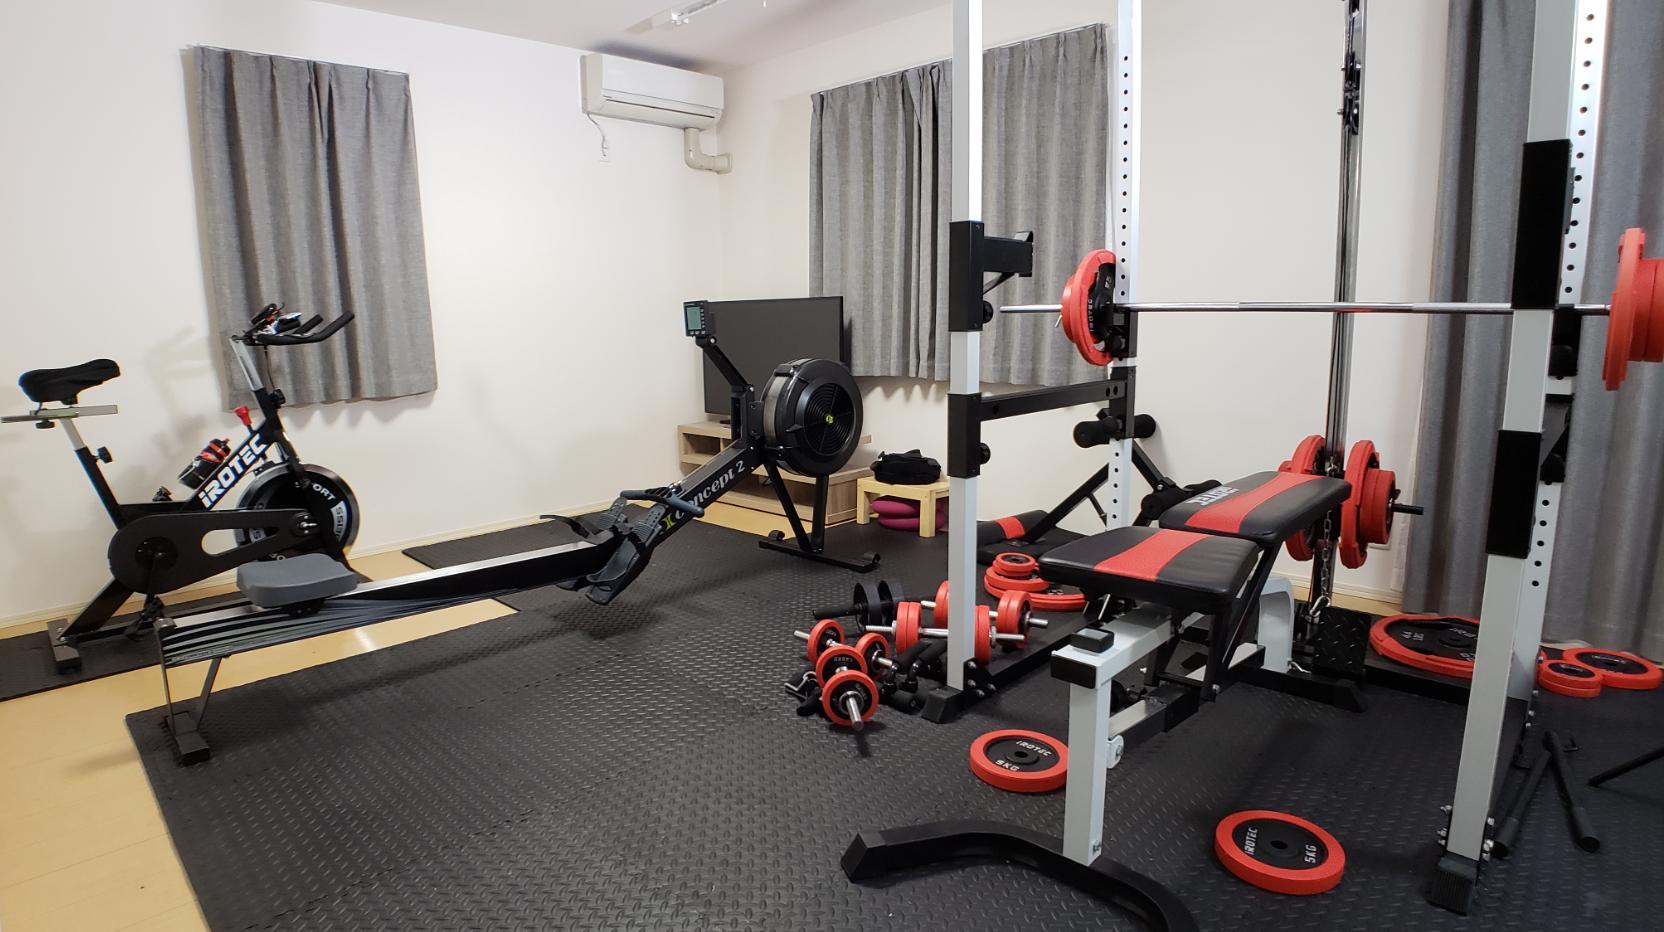 Alfombrilla para las articulaciones y soporte de potencia (Conjunto muscular R140) en el suelo del gimnasio de la casa en el apartamento de alquiler (Sala de estar)